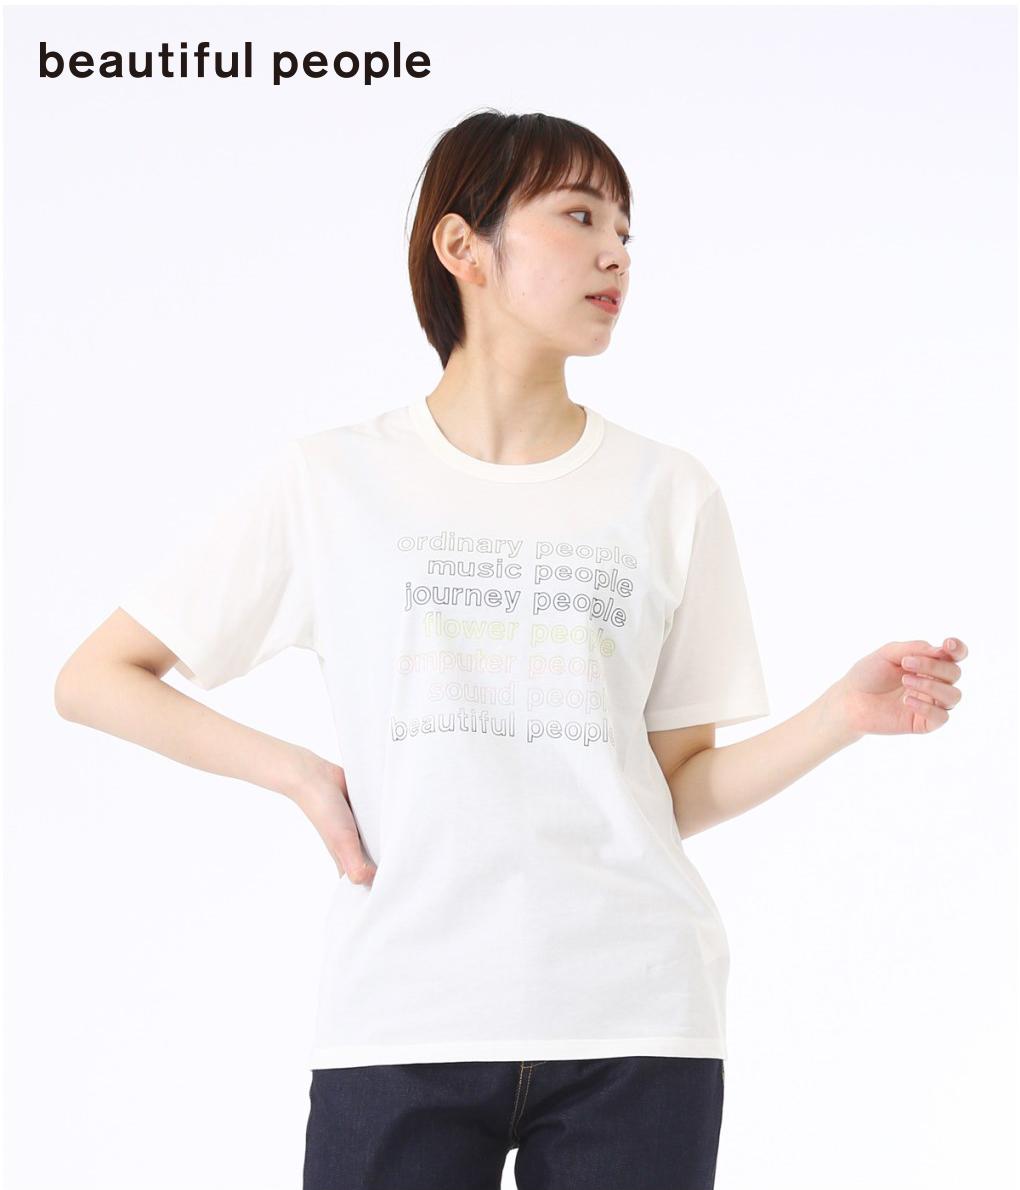 【サマーキャンペーン!】beautiful people / ビューティフルピープル : graduallu color logo kids T-shirt : カラーロゴ Tシャツ ティーシャツ 半袖カットソー レディース : 1015310419 【ANN】